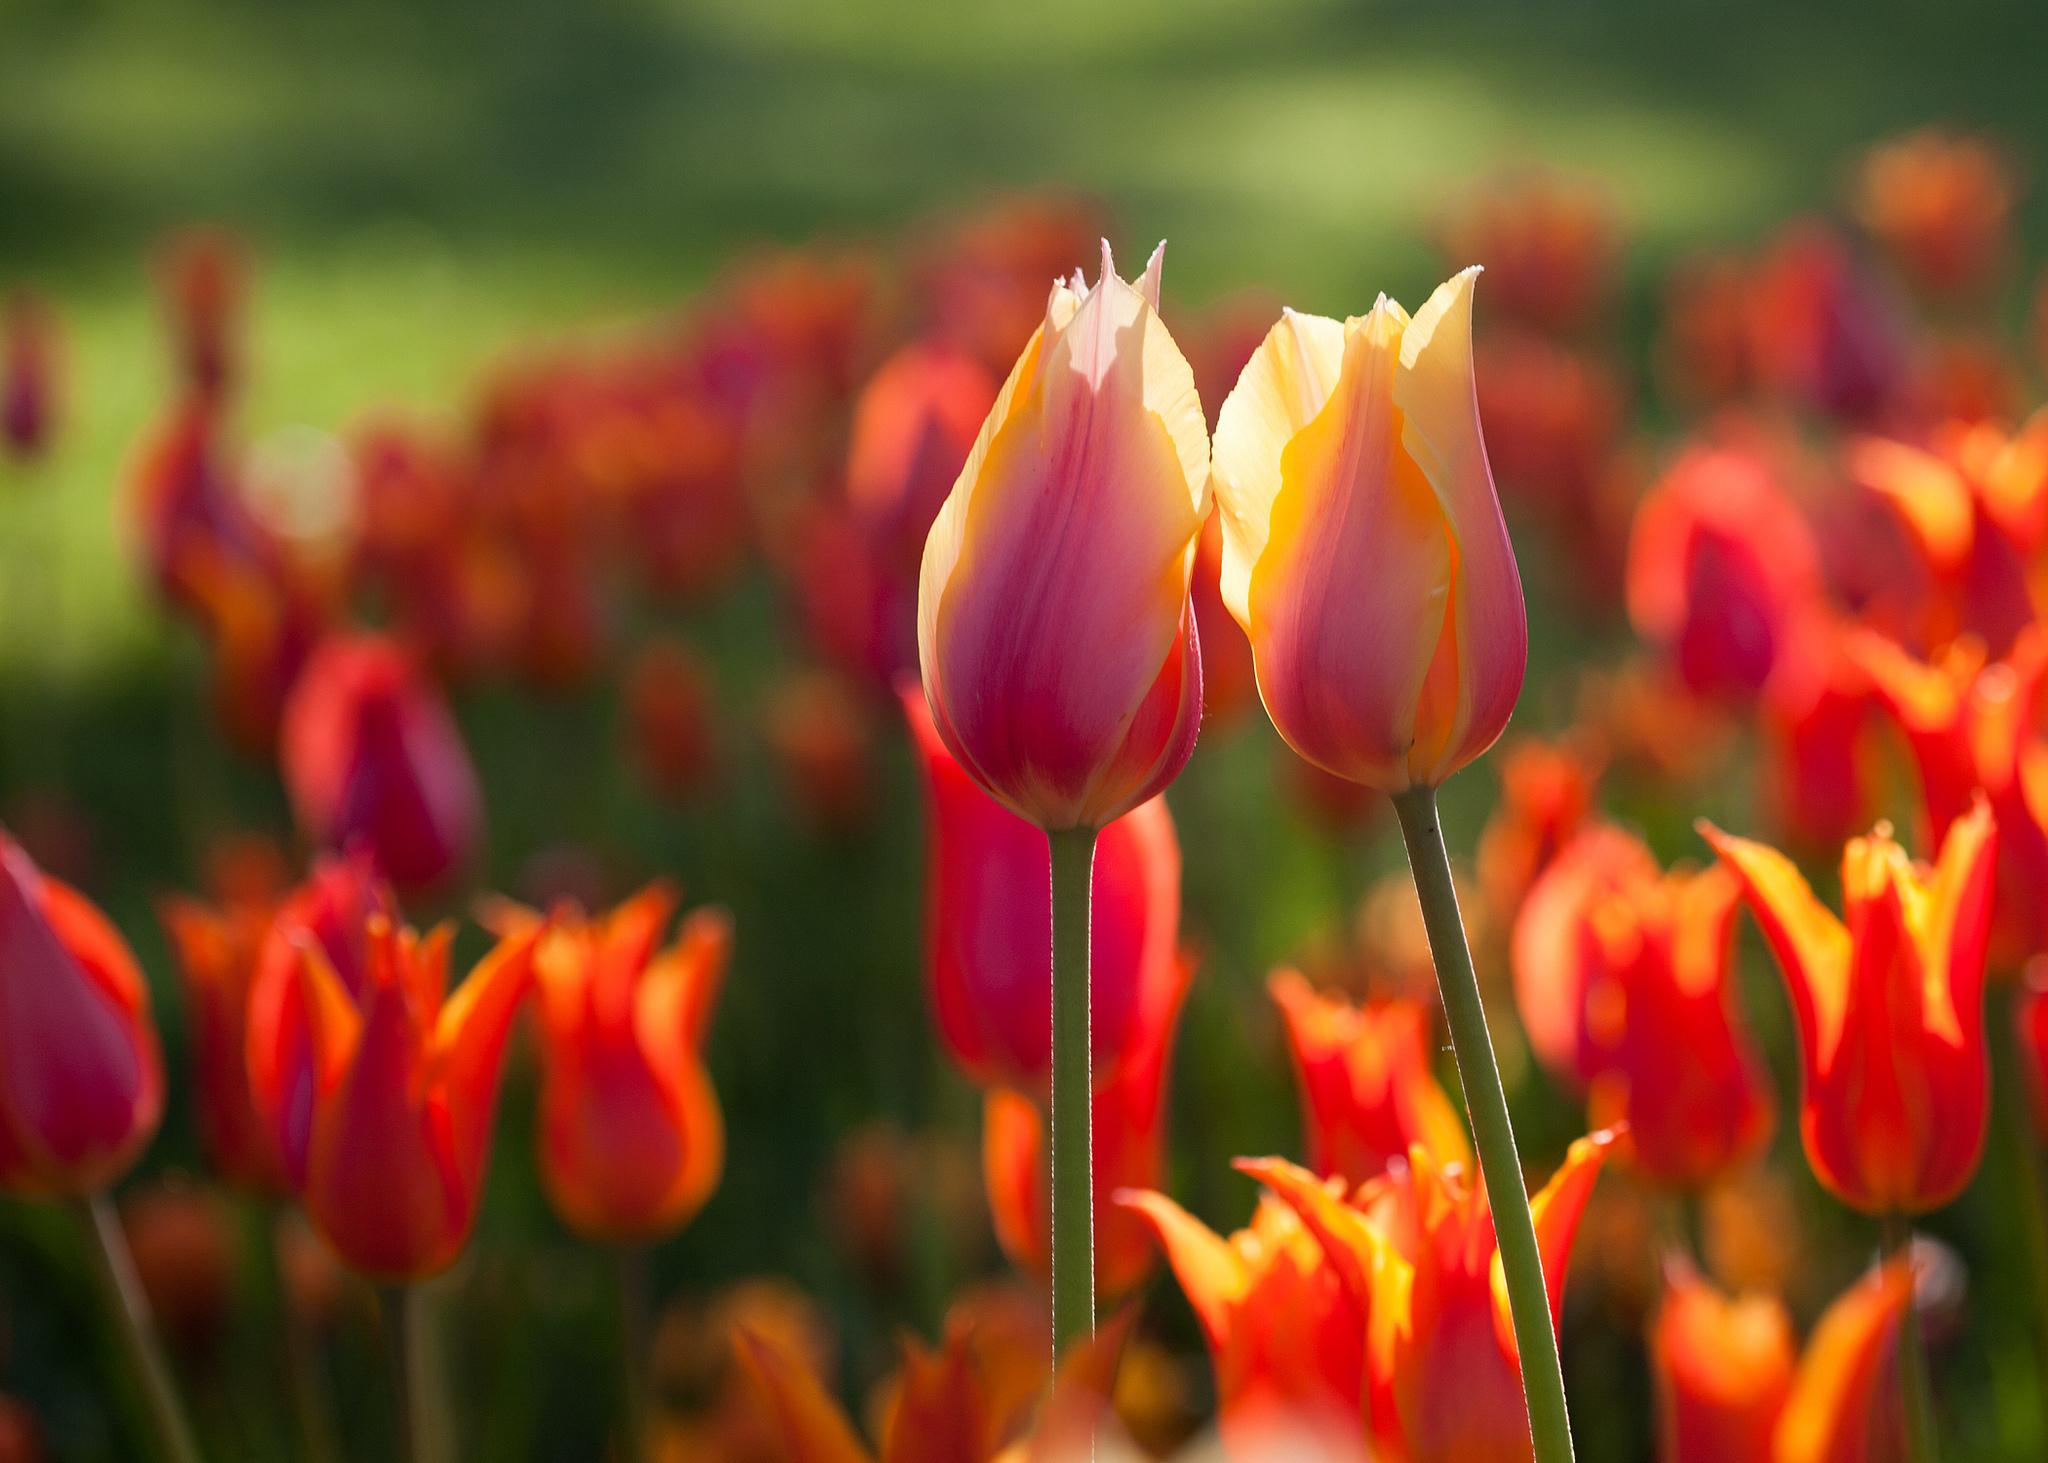 Аудиокнига цветы сливы в золотой вазе или цзинь пин мэй